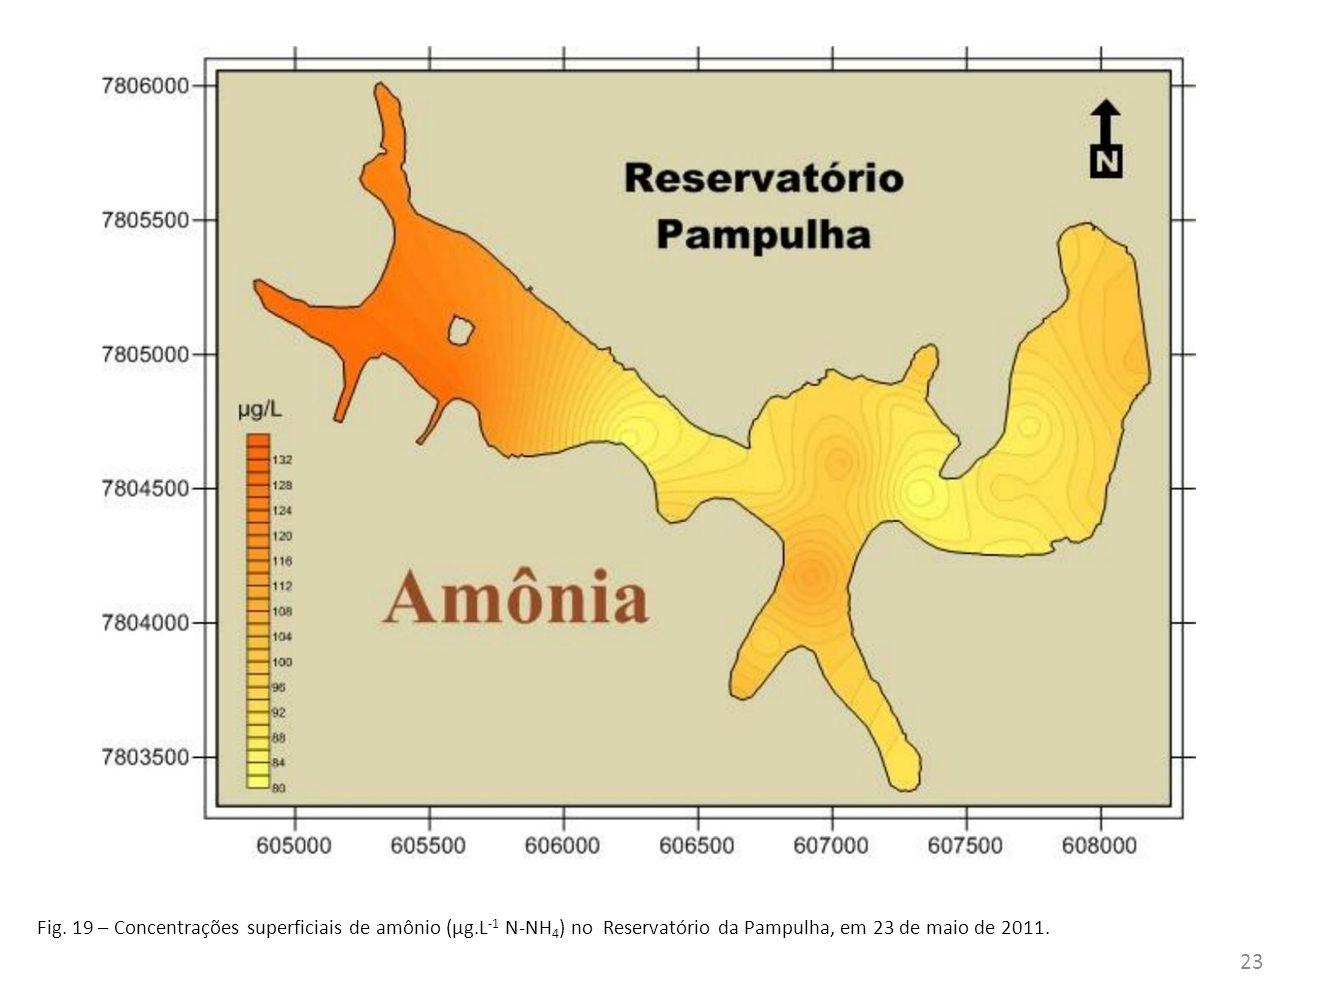 Fig.20– Concentrações superficiais de nitritos (µg.L -1 N-NO 2 ) no Reservatório da Pampulha, em 23 de maio de 2011.